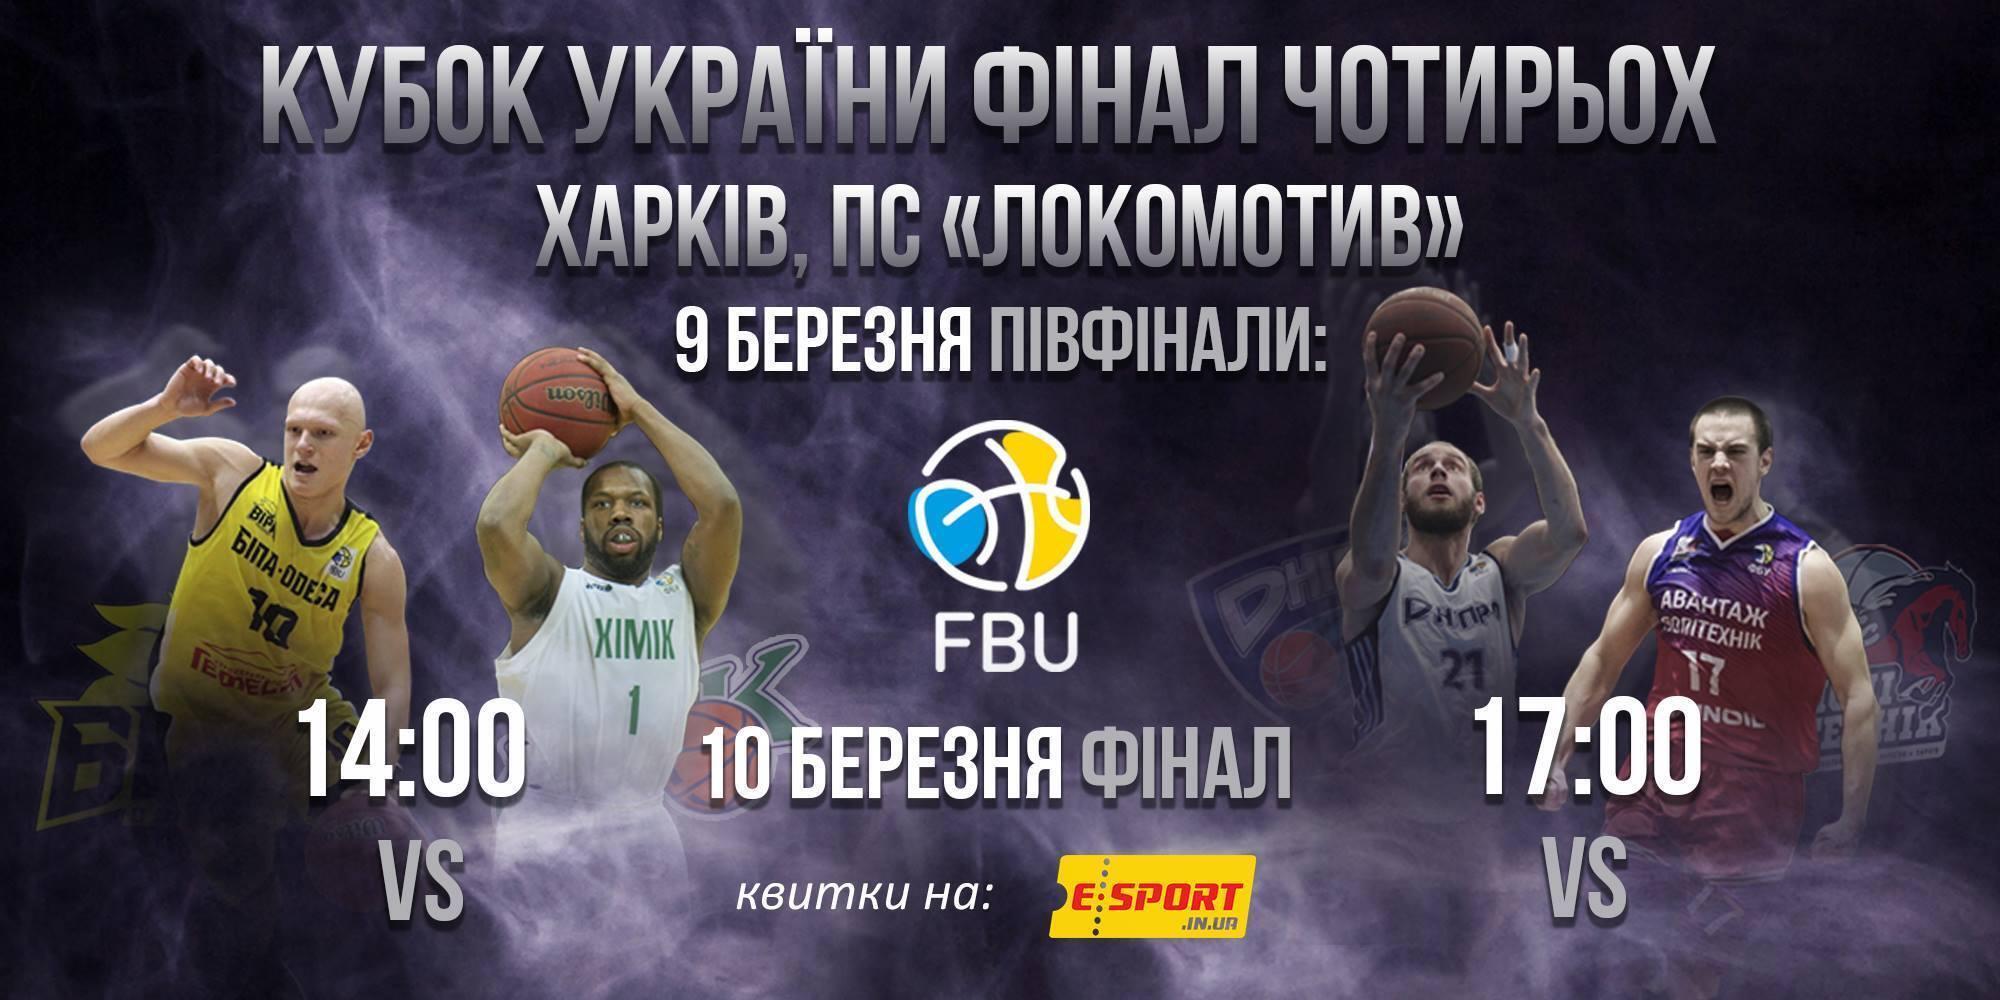 Битва за трофей: анонс Финала четырех КУ по баскетболу